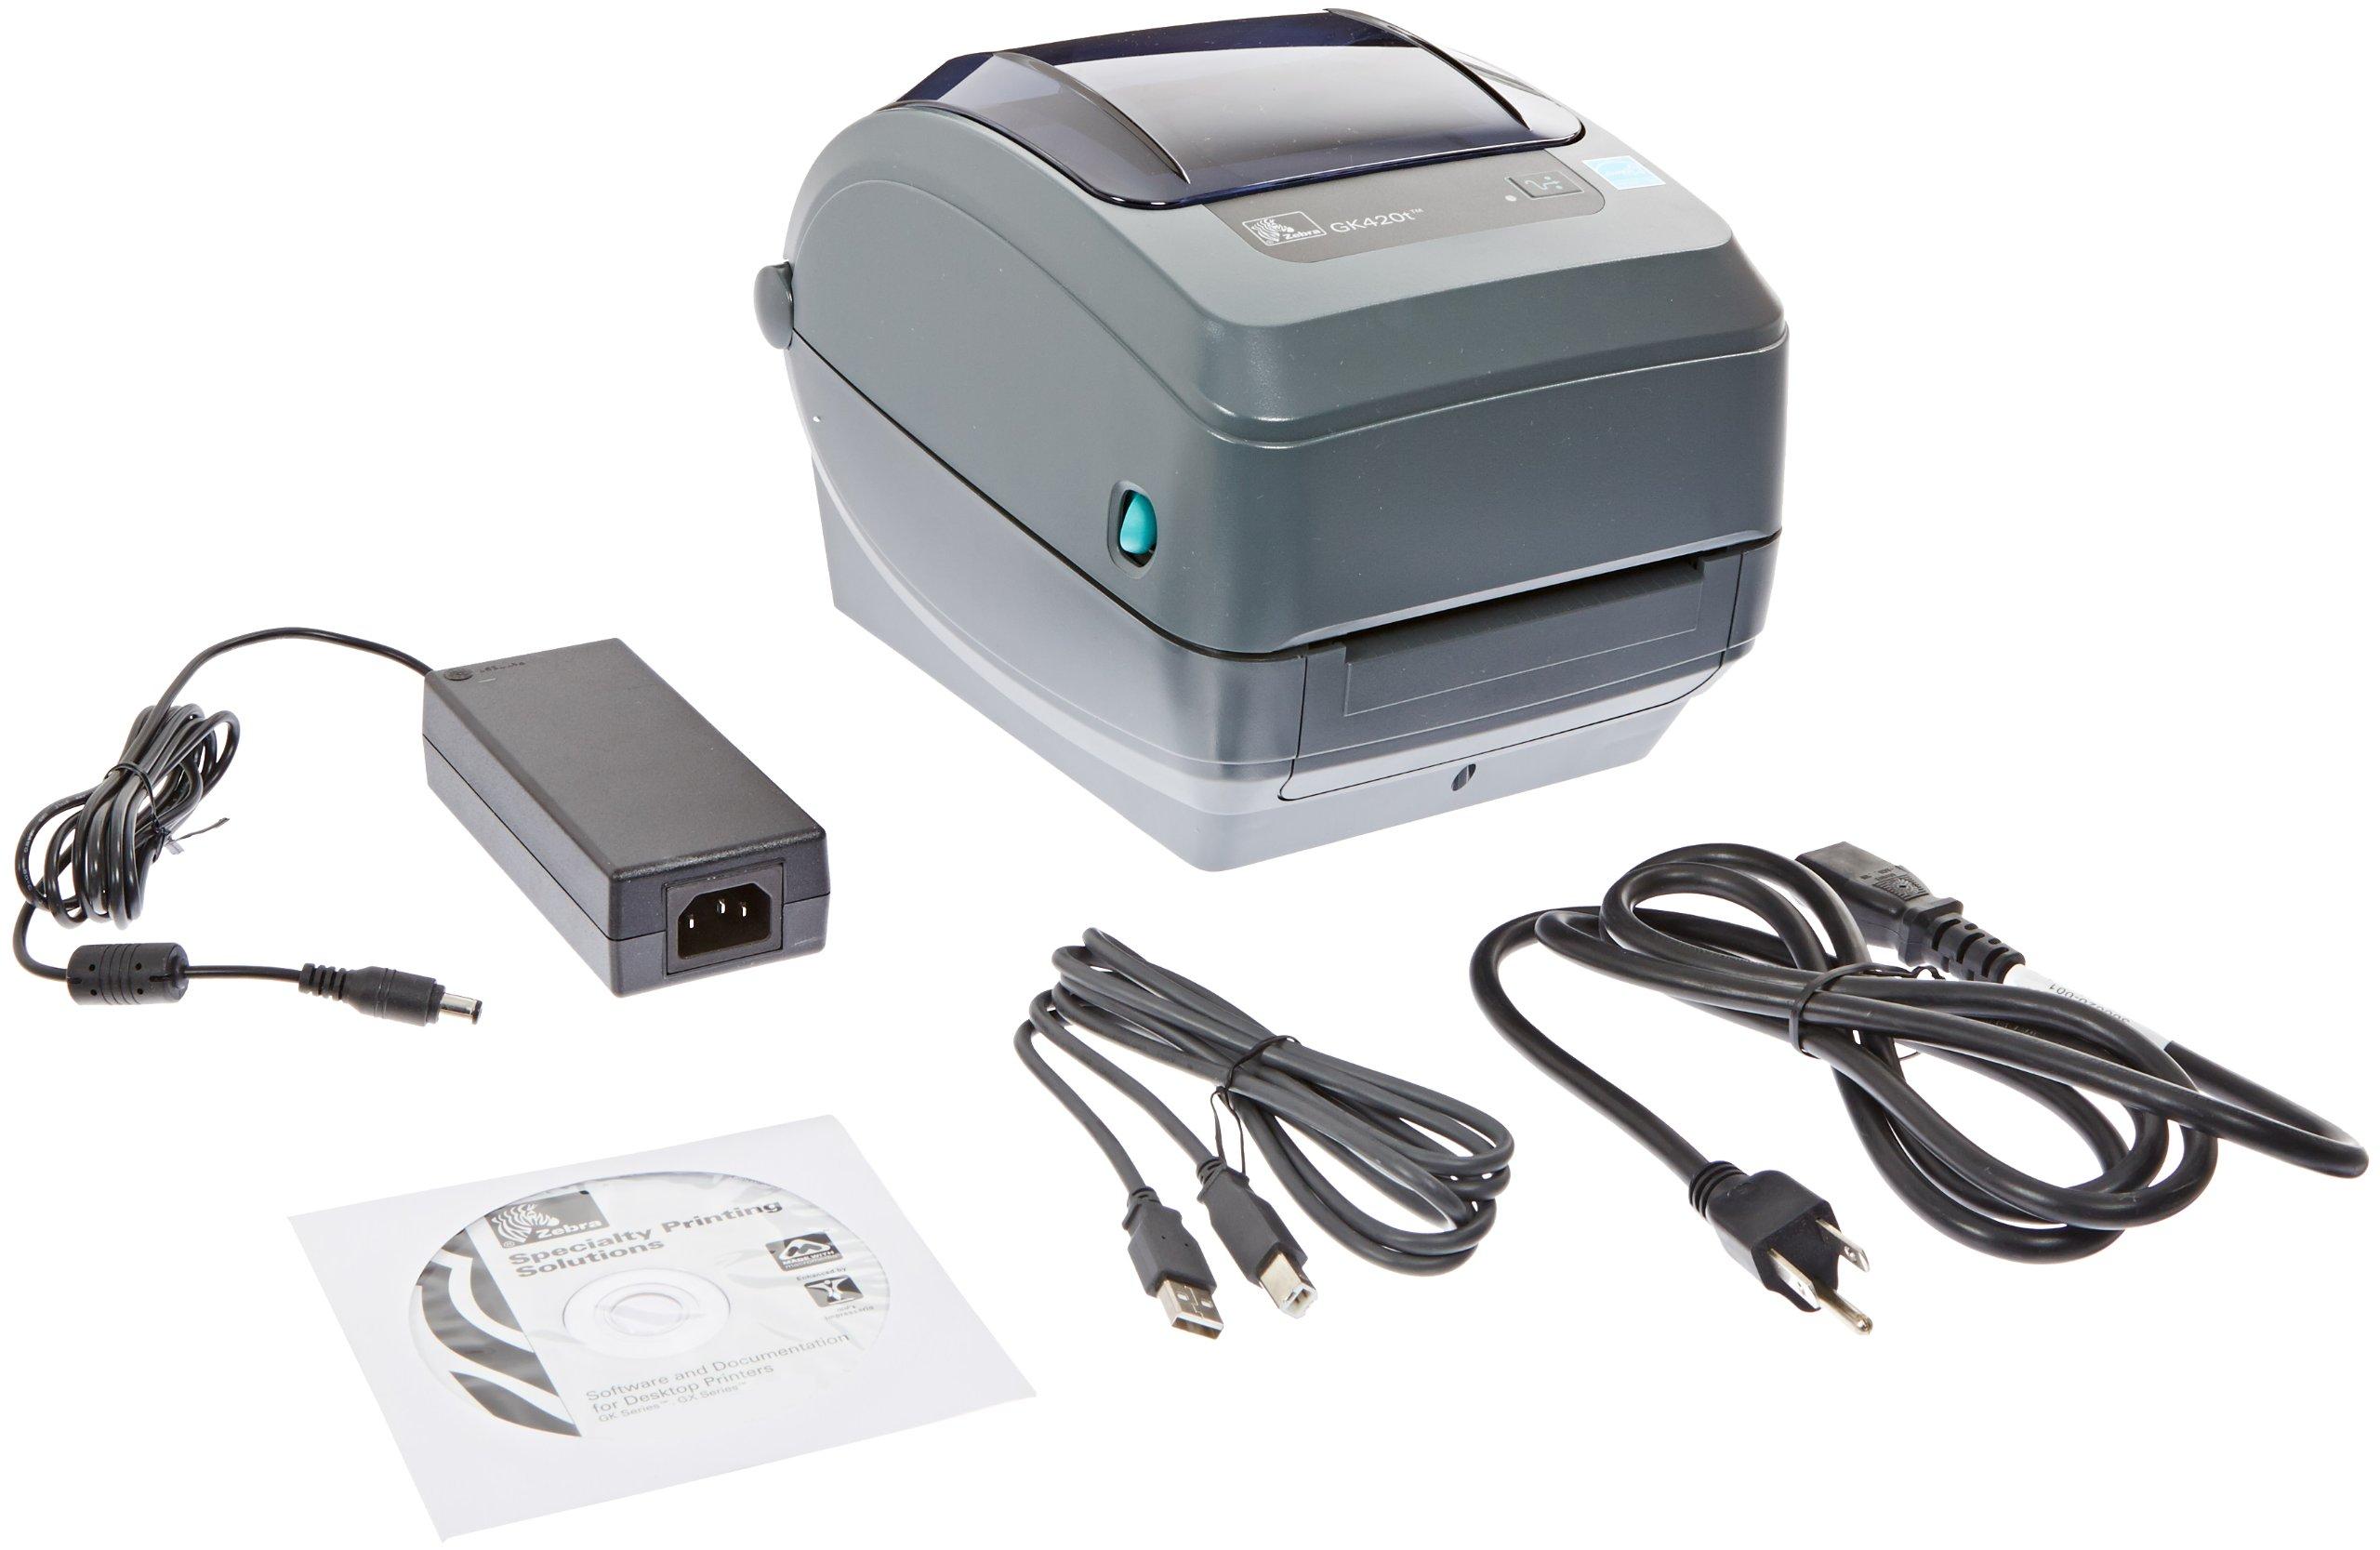 Zebra GK420t Monochrome Desktop Direct Thermal/Thermal Transfer Label Printer, 5 in/s Print Speed, 203 dpi Print Resolution, 4.09'' Print Width, 100-240V AC